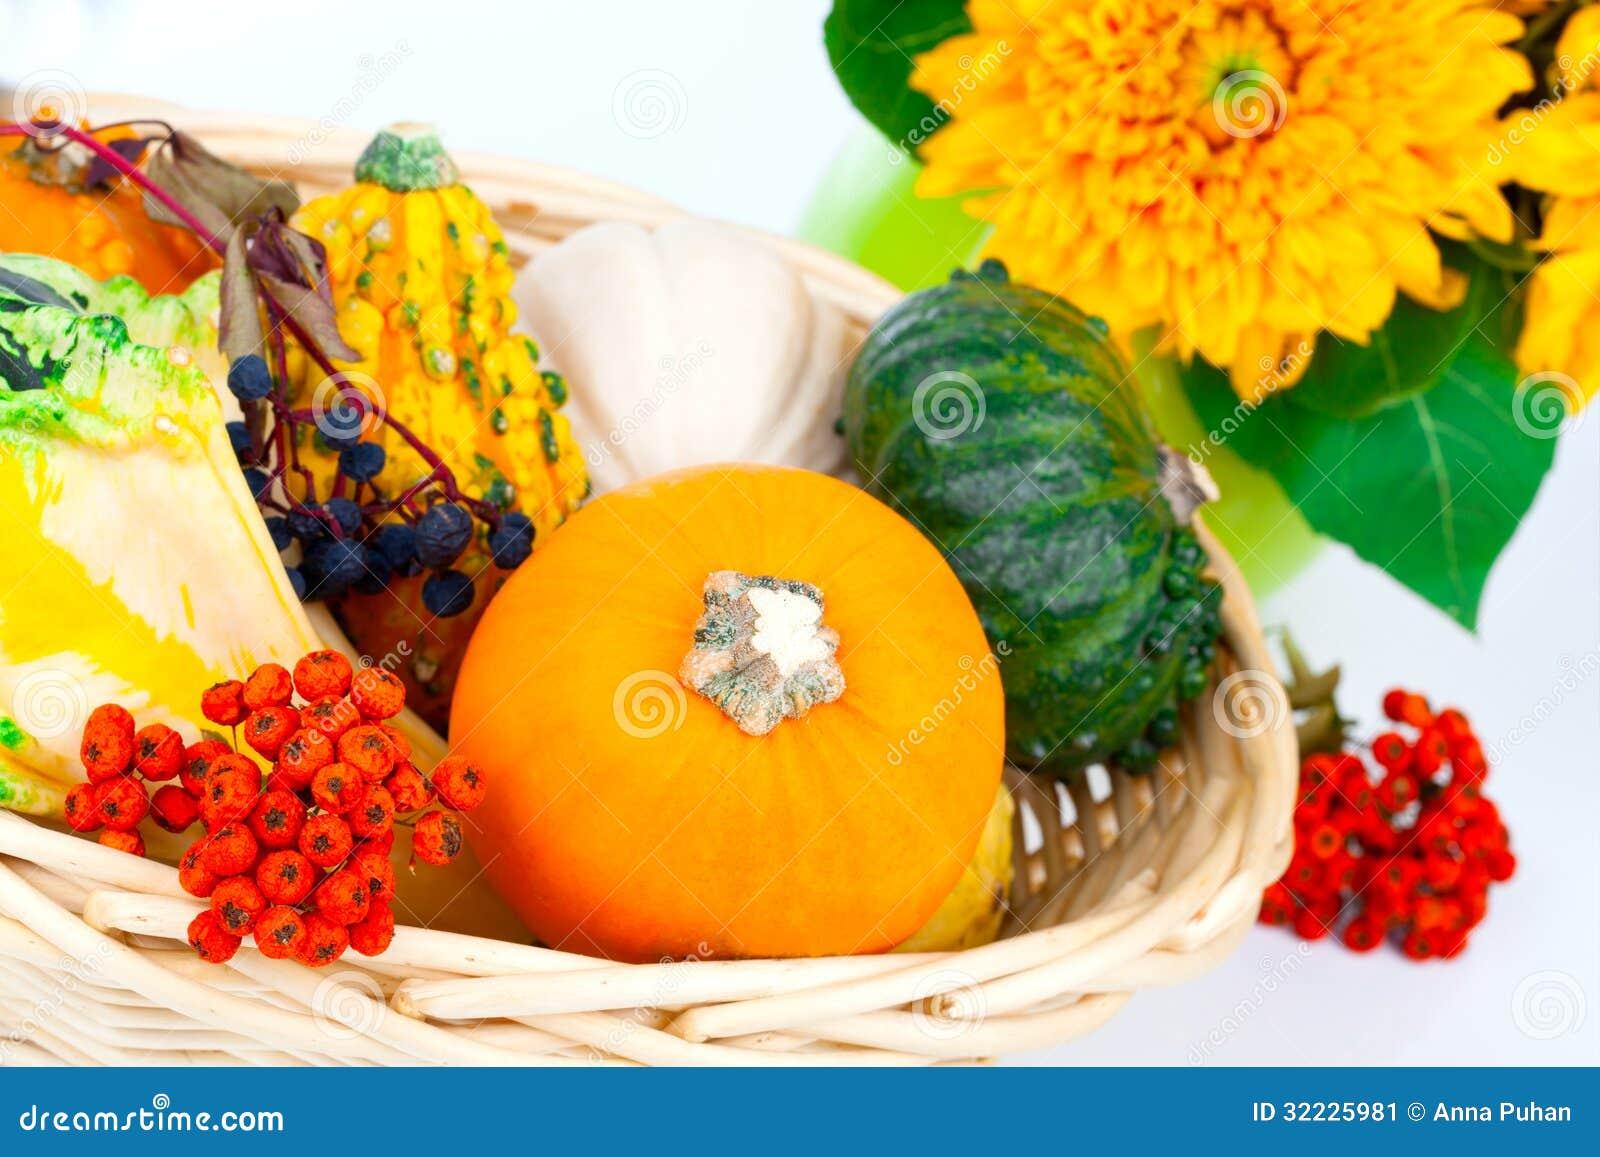 Download Abóboras de outono imagem de stock. Imagem de orgânico - 32225981